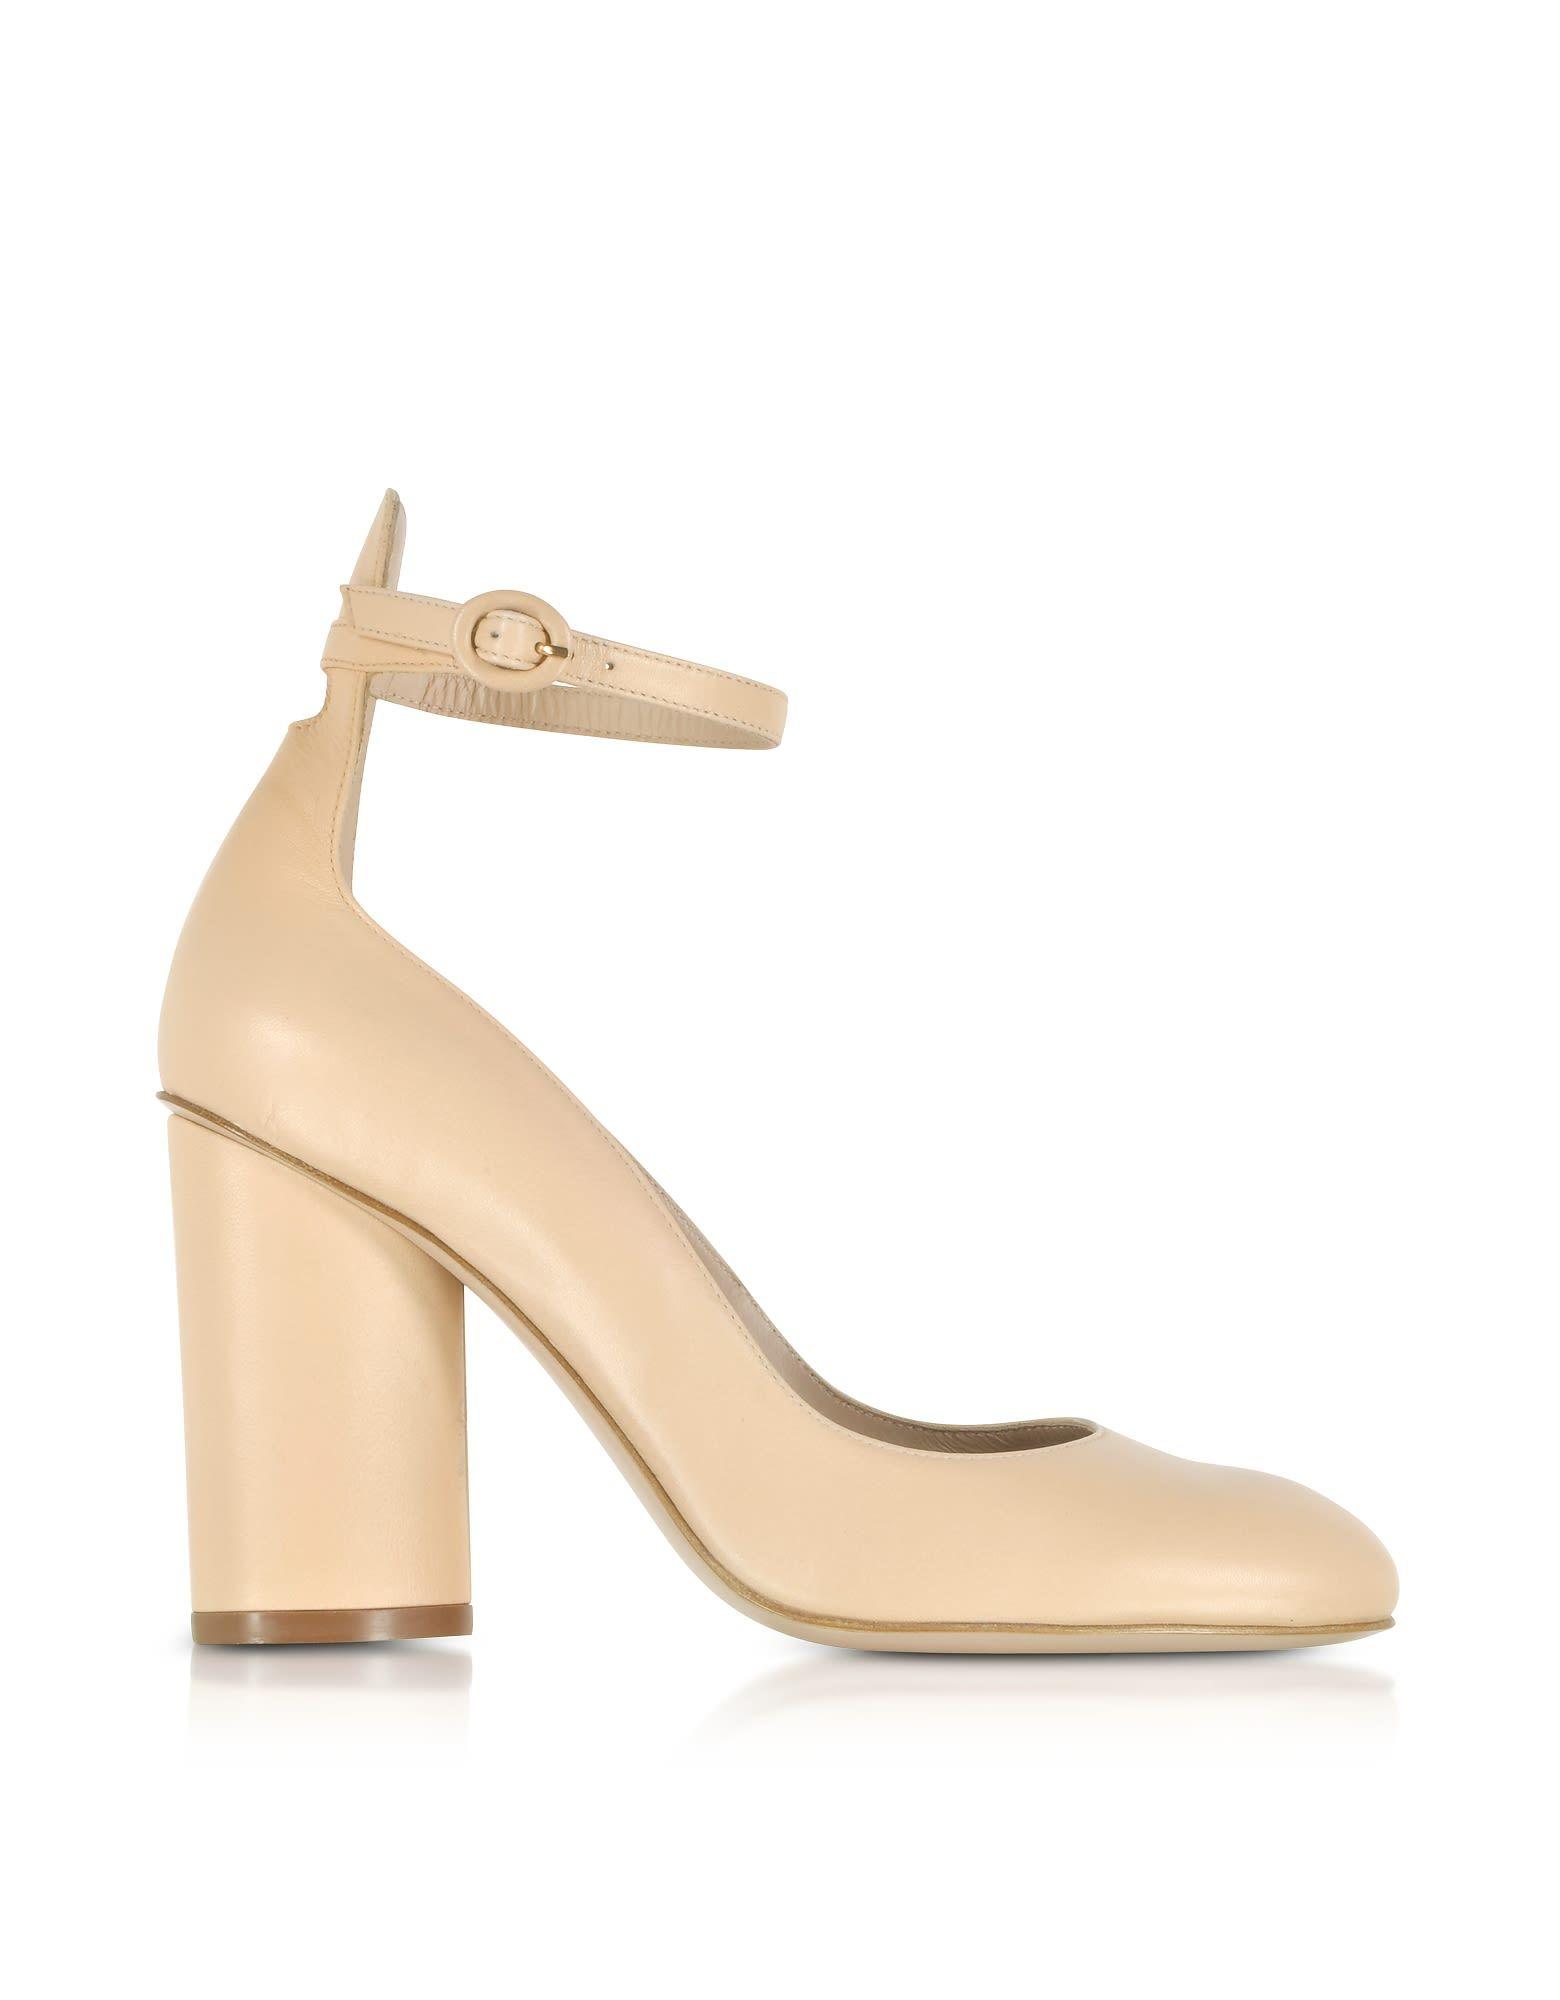 Stuart Weitzman Designer Shoes, Pasadena Leather Heel Pumps